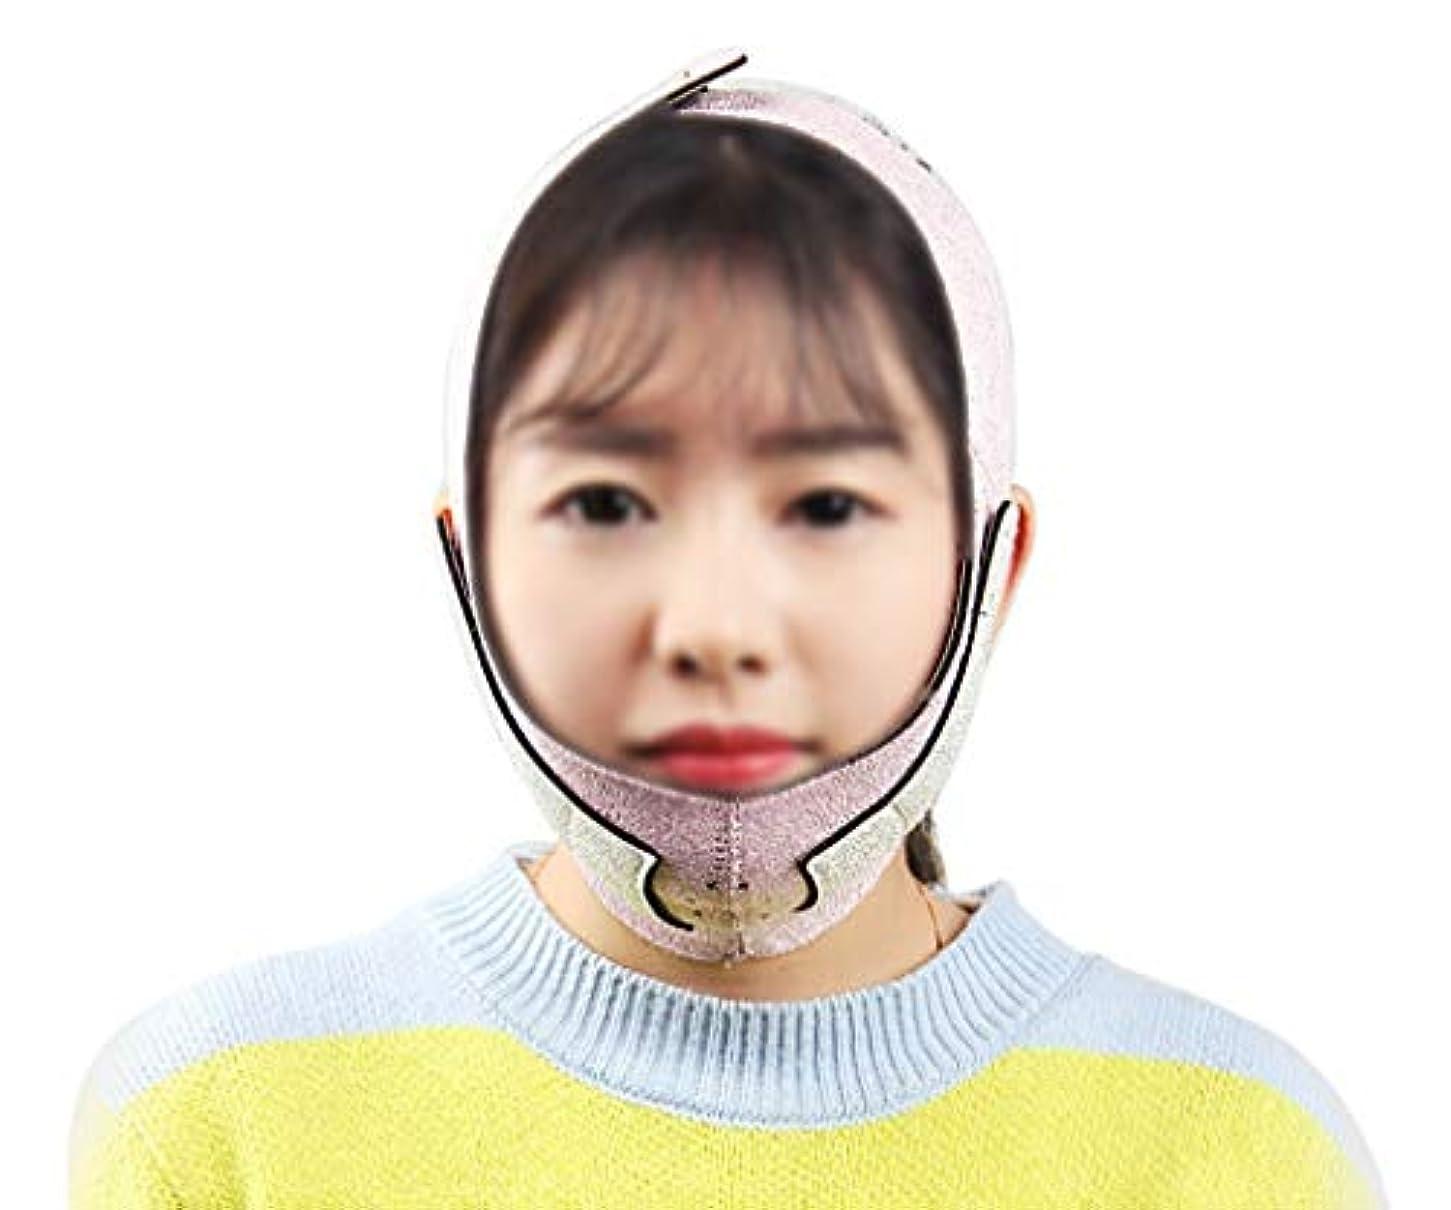 踏み台ネズミ仕立て屋GLJJQMY 新しいしっかりした二重あごフェイスリフトアーチファクトVフェイス包帯3フェイス包帯でしっかりマスク薄い顔 顔用整形マスク